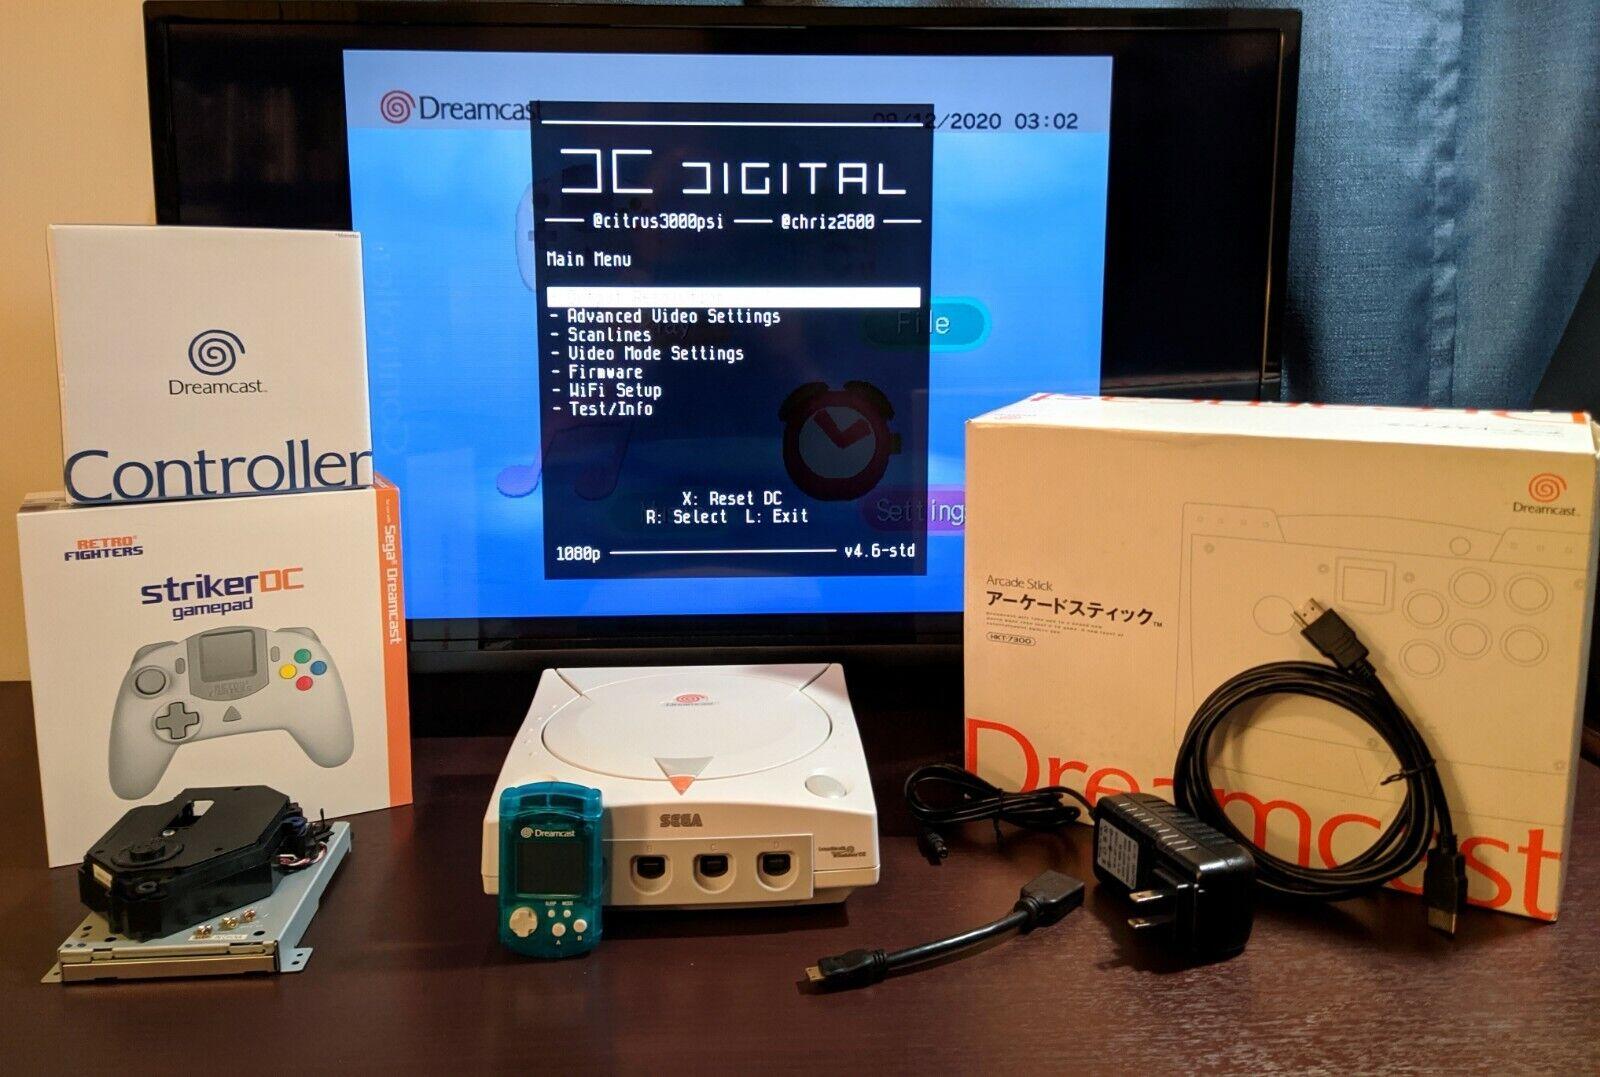 Dreamcast DCHDMI DCDIGITAL, GDEMU, NOCTUA, DreamPSU, 128GB SD CARD, AND MORE  - $799.95